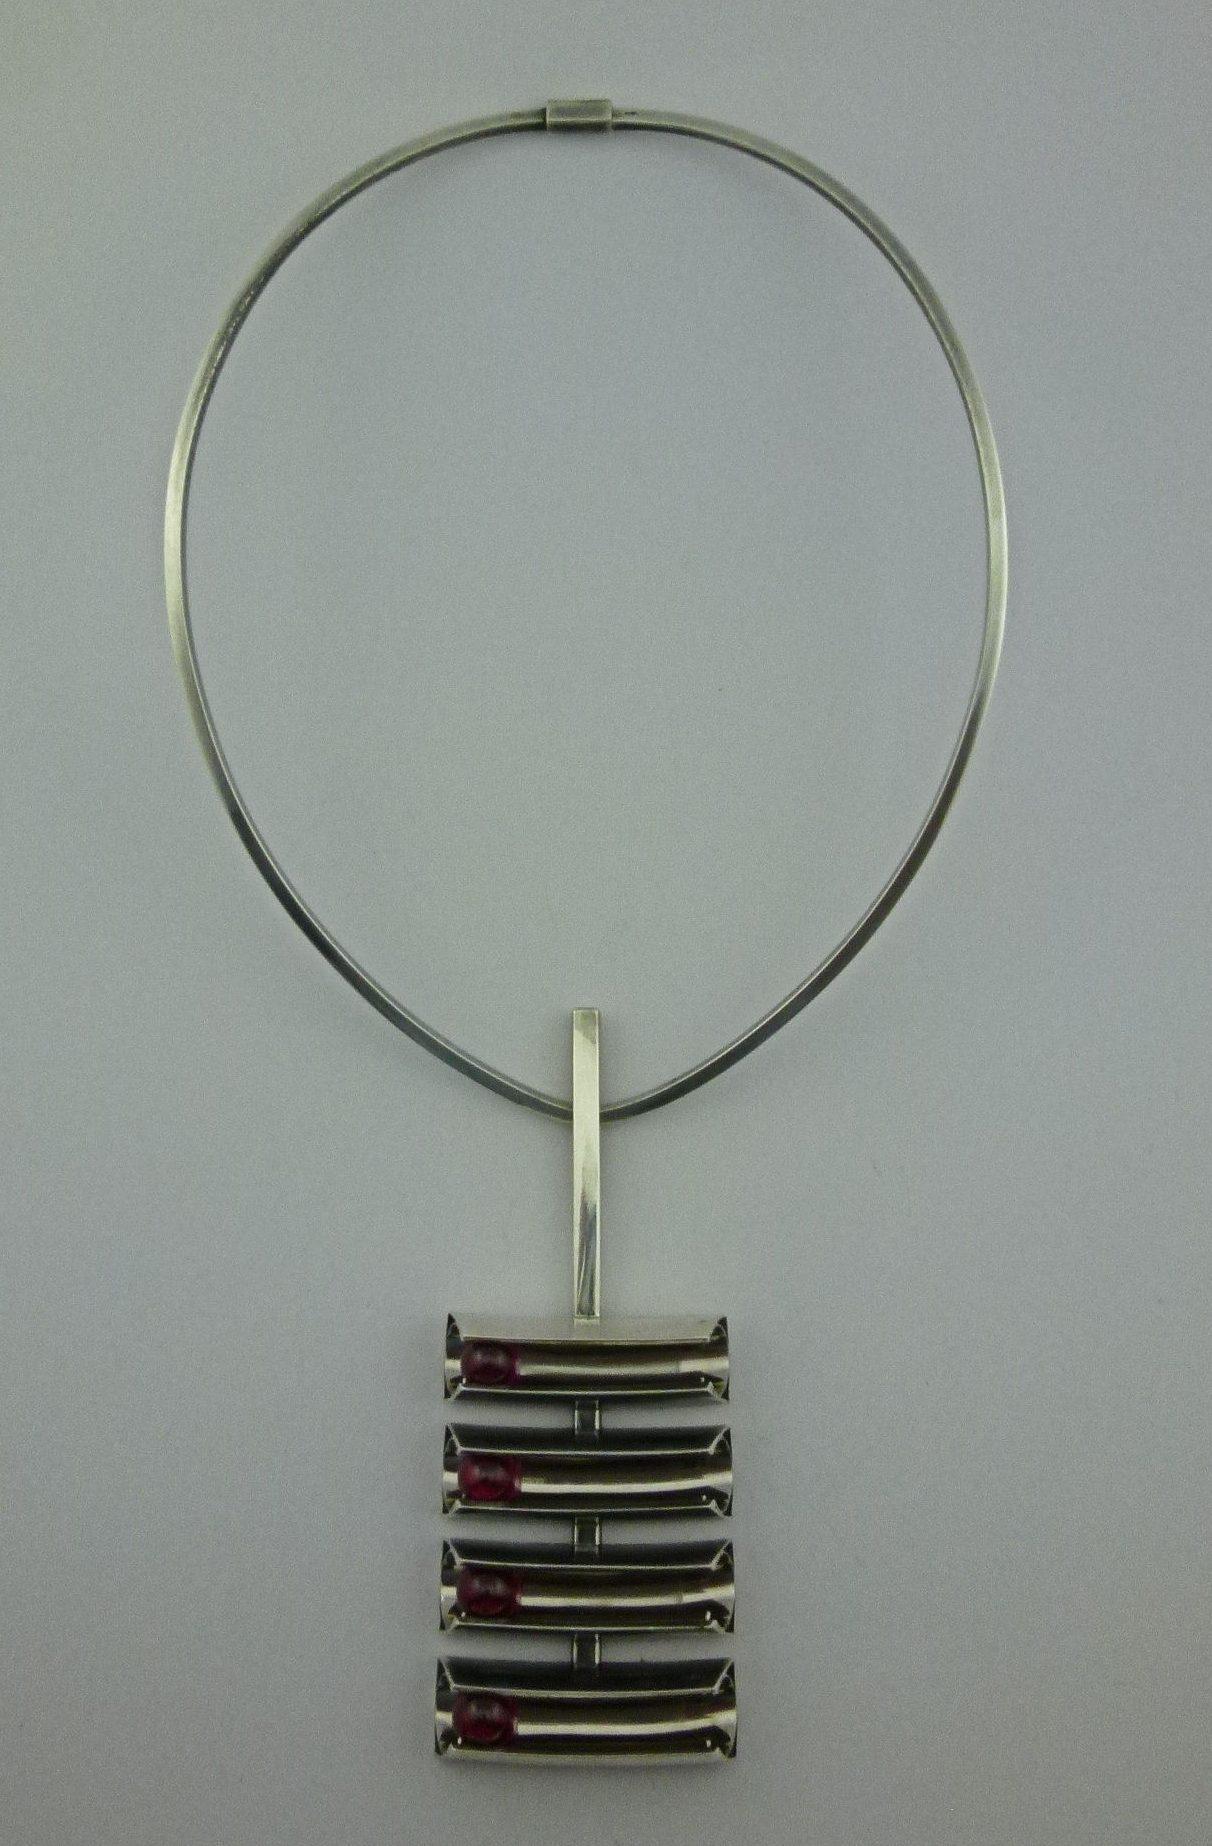 Archibald Dumbar, halssieraad, 1963-1965. Particuliere verzameling, ziver, synthetische robijn, witgoud